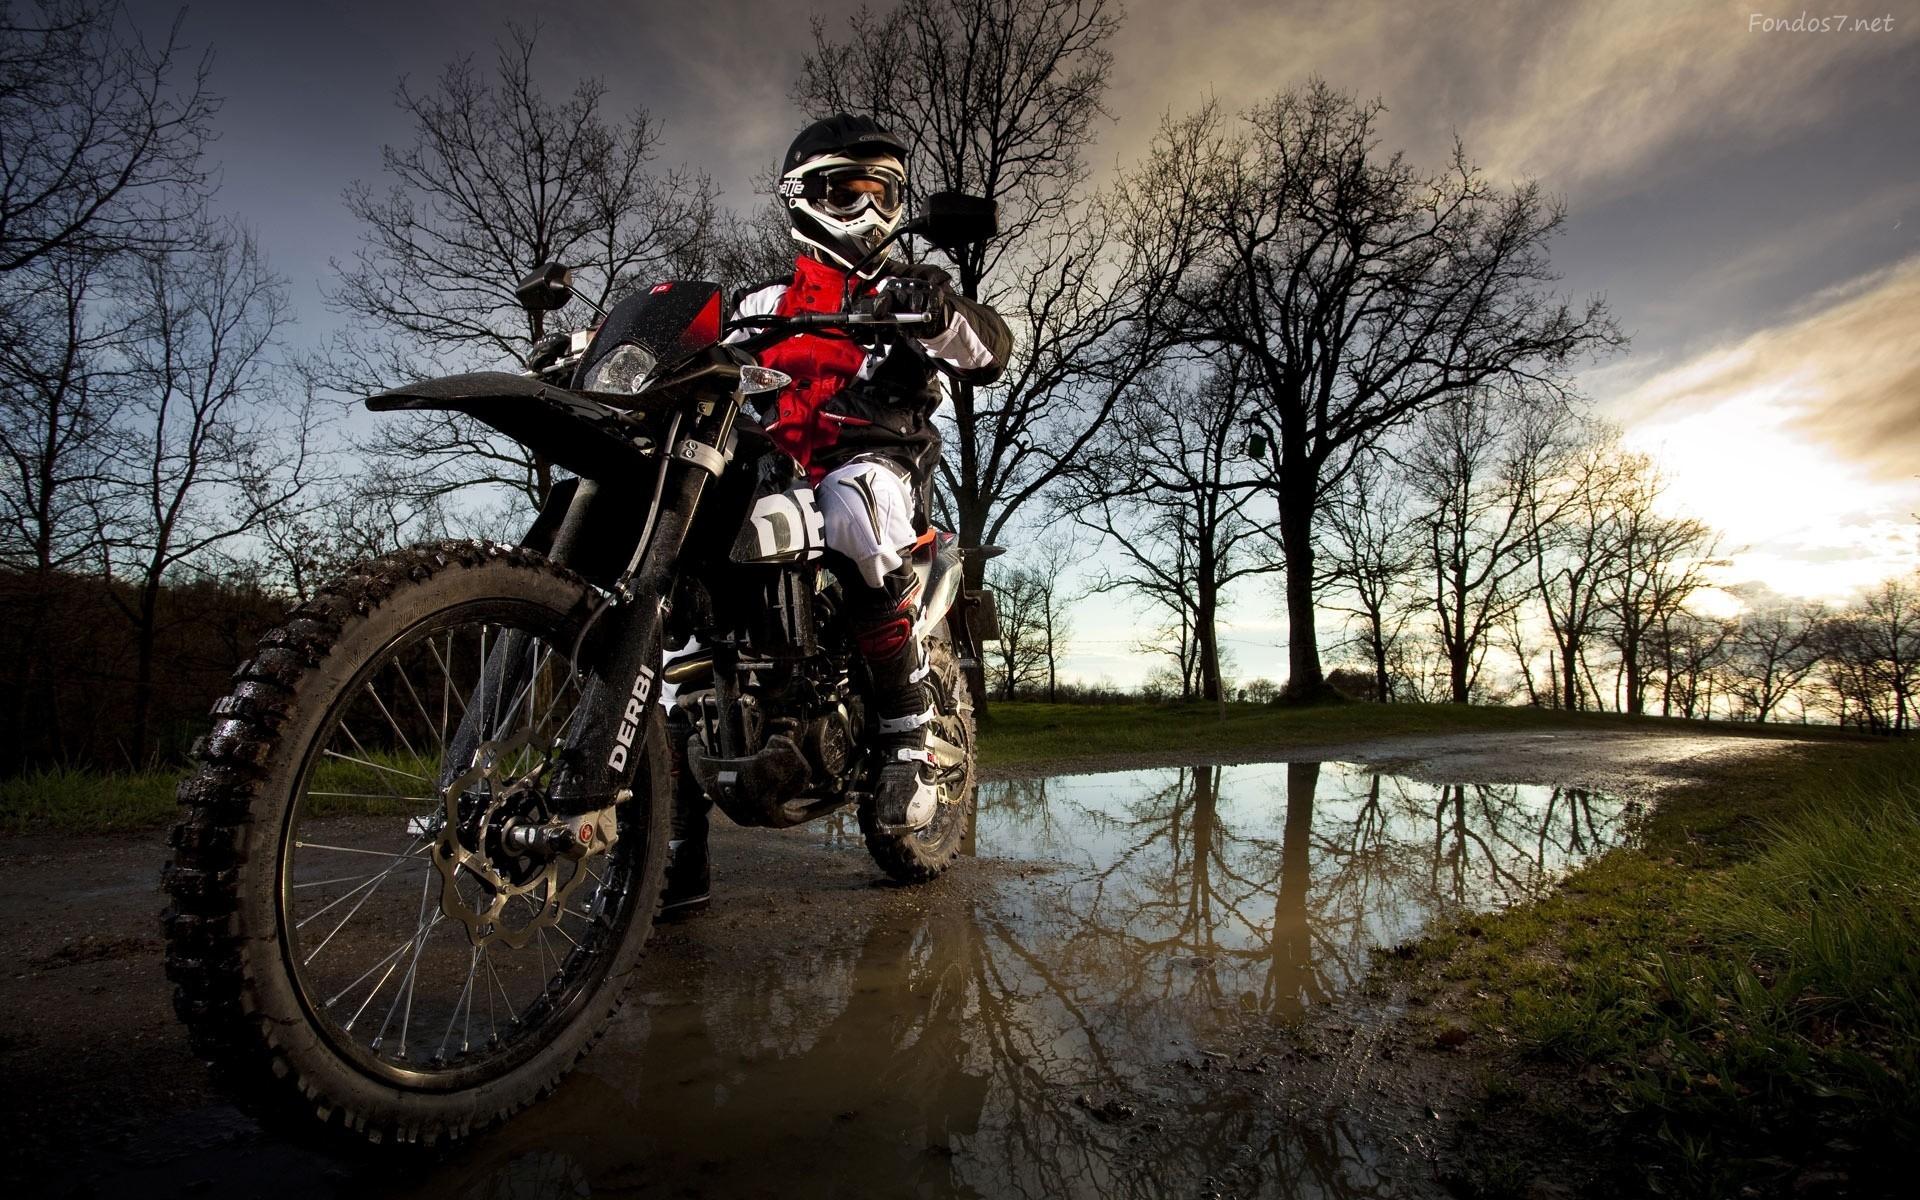 Descargar Fondos de pantalla motocross 2012 hd widescreen Gratis 1920x1200